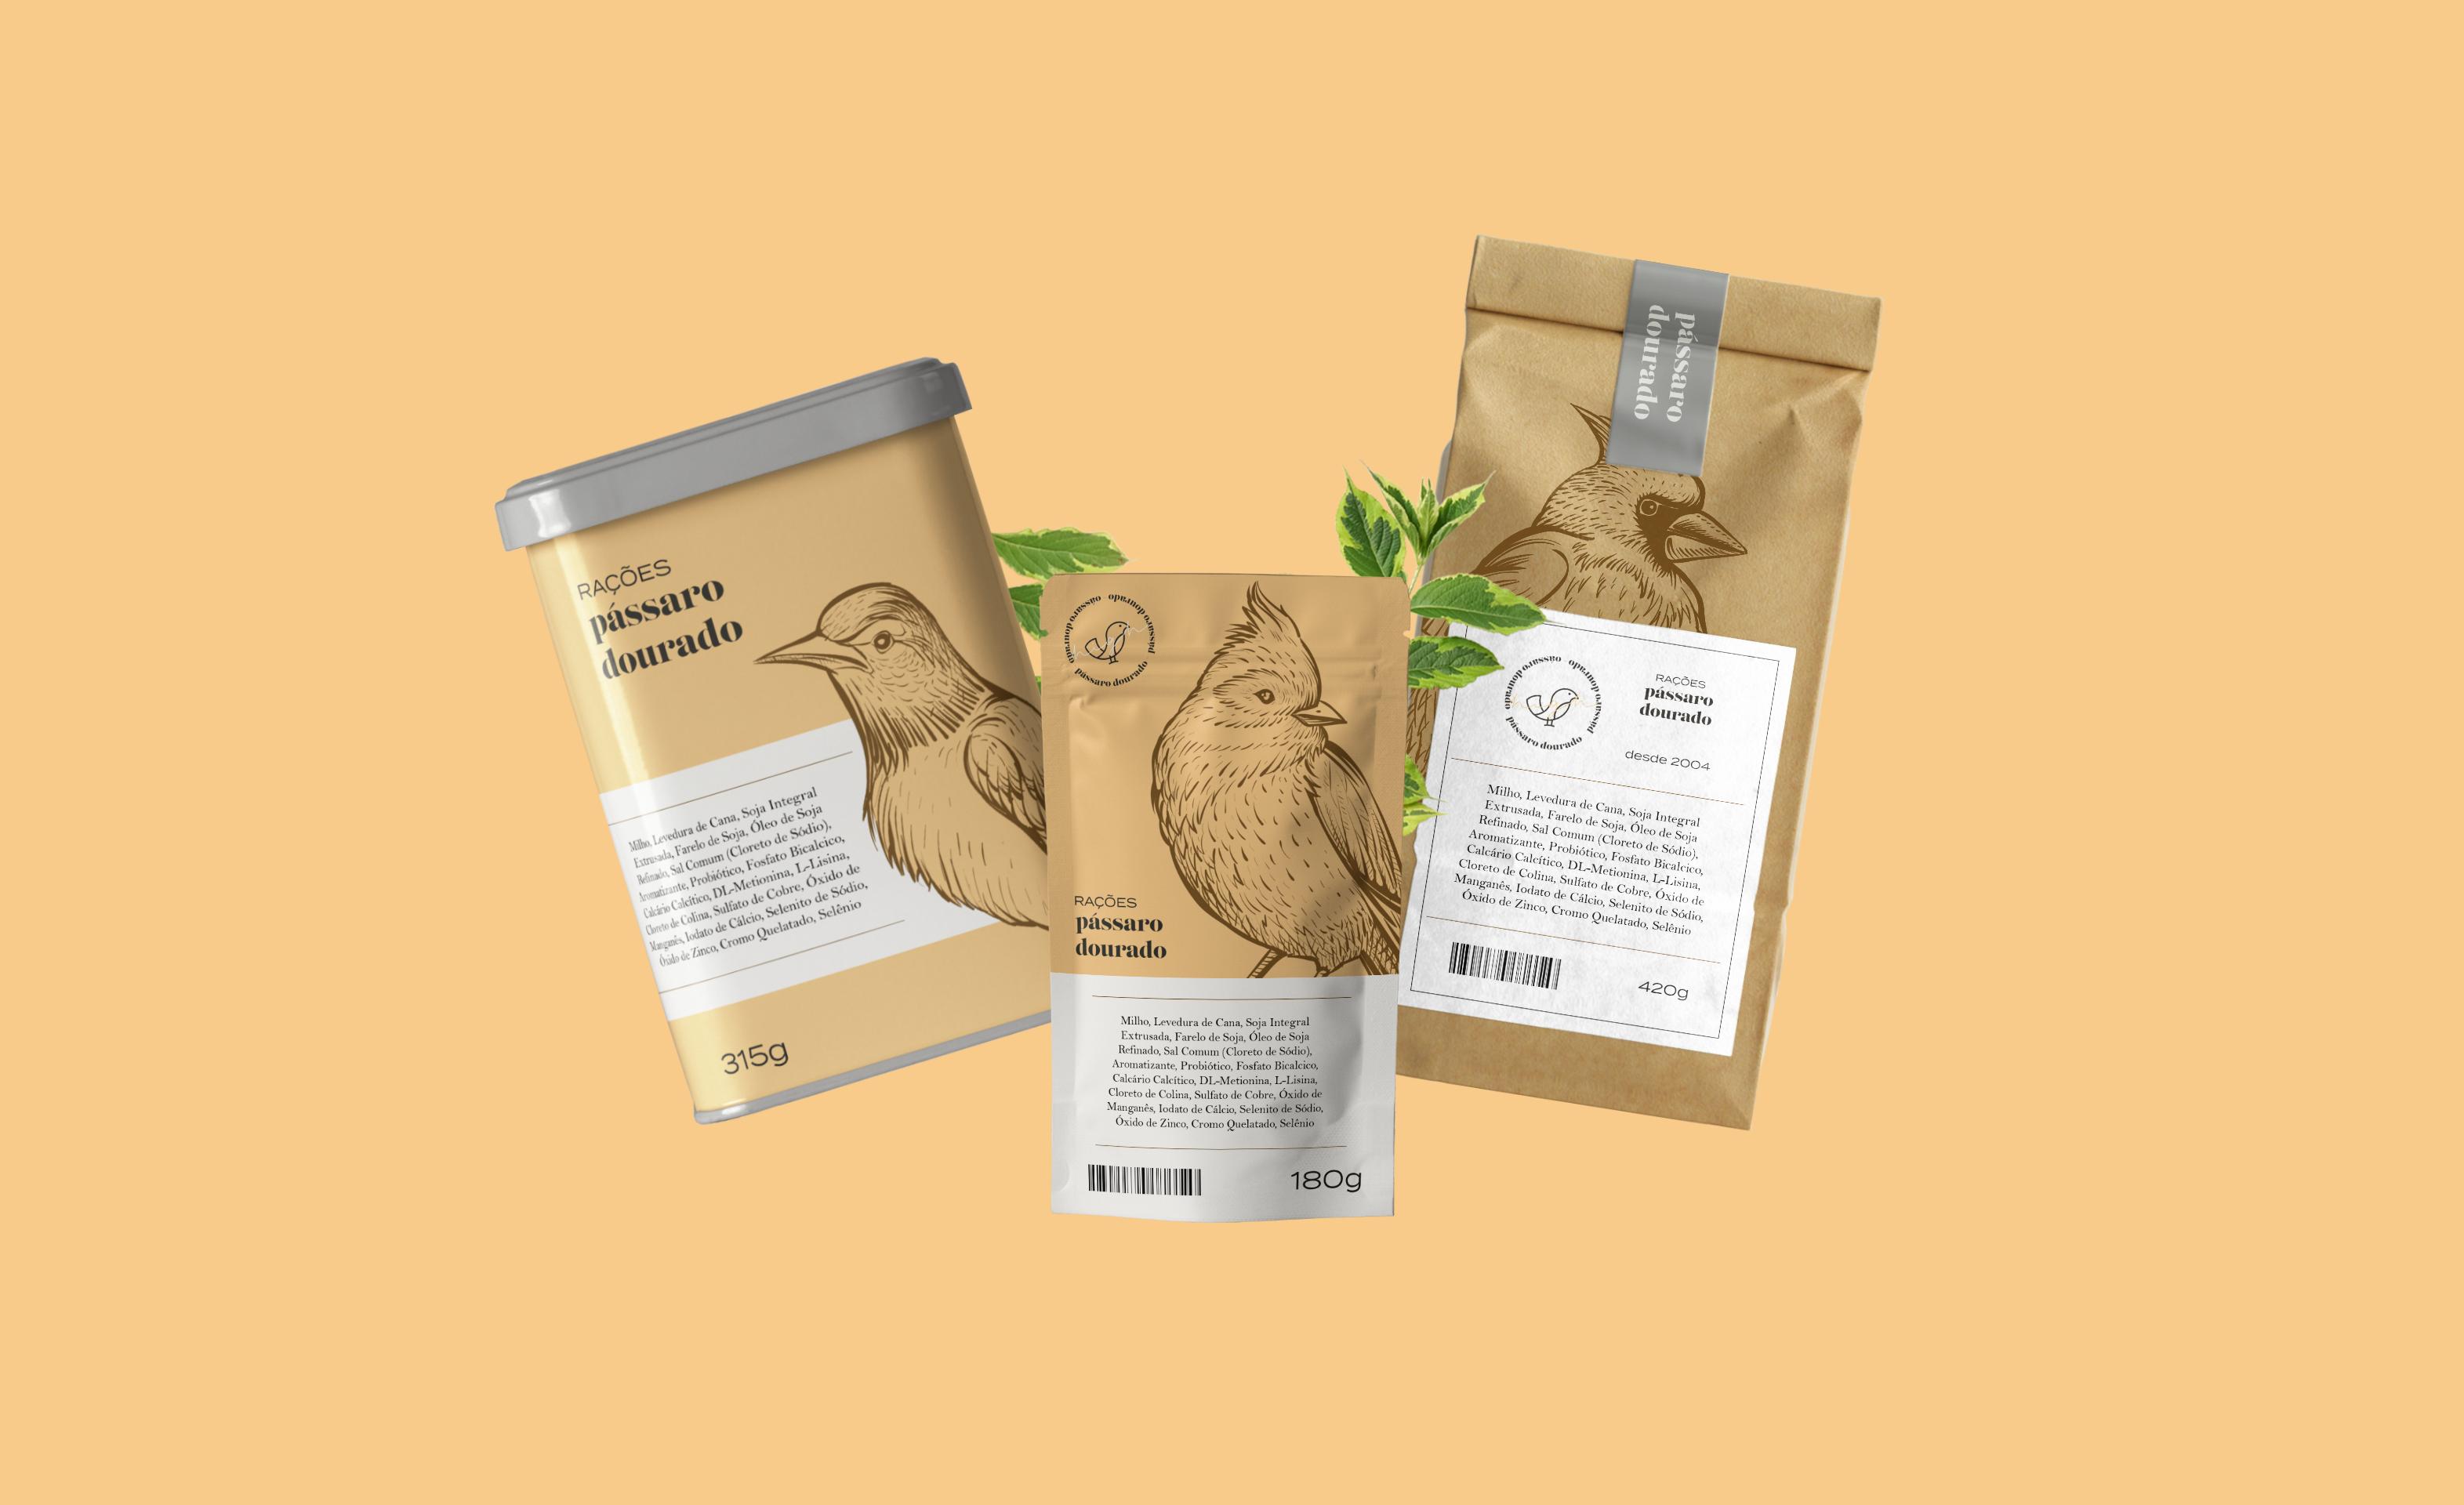 Pássaro Dourado Brand and Packaging Design